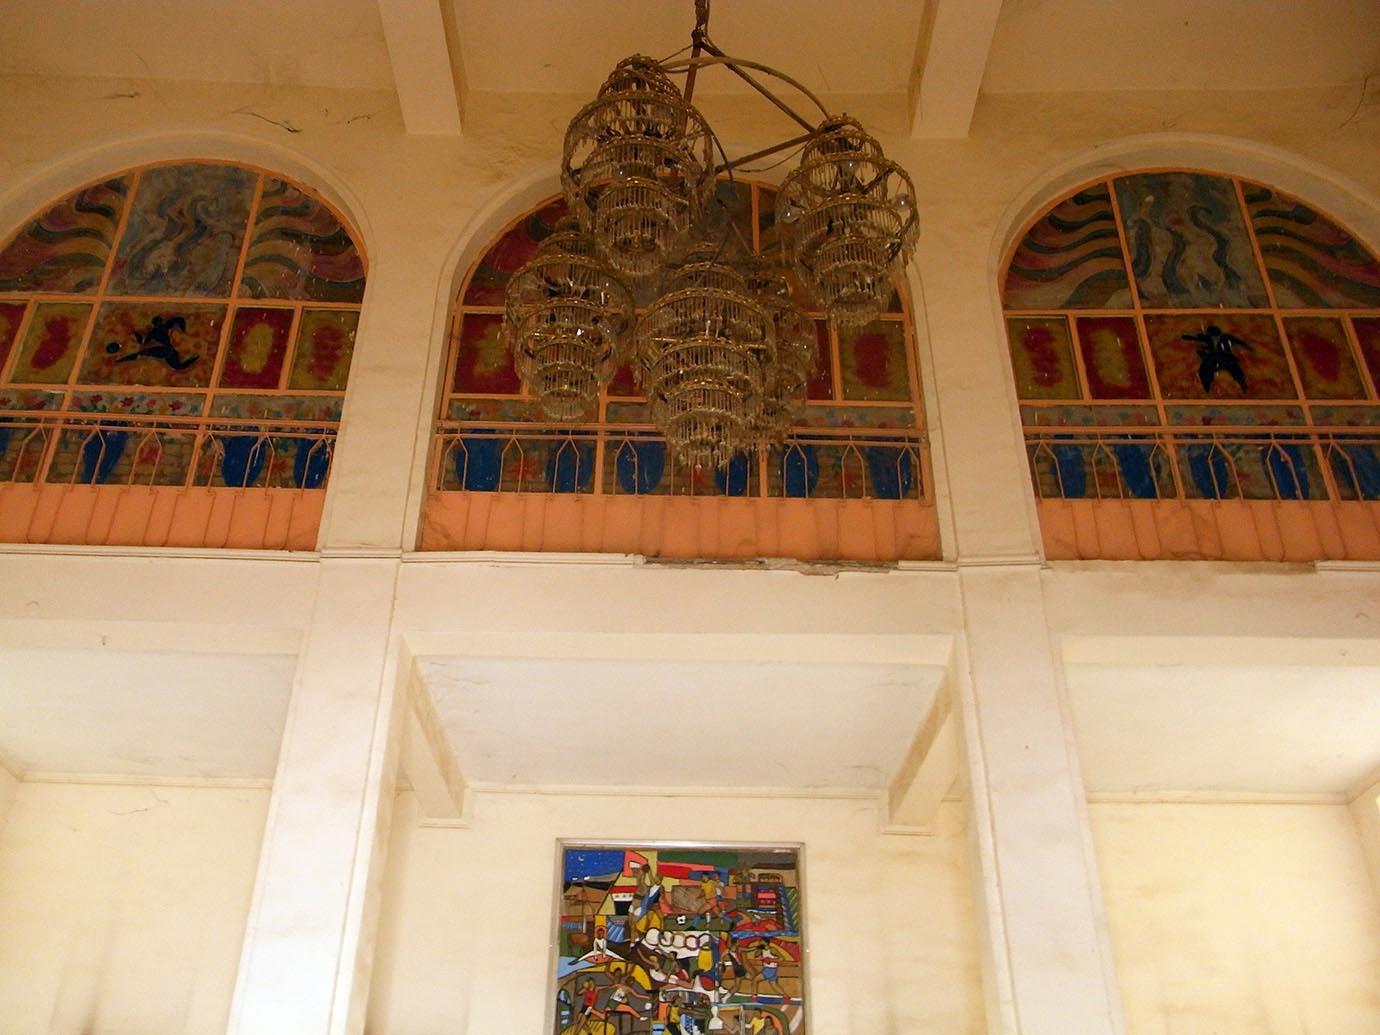 4. Volumes, proportions et piliers à modénatures d'une monumentalité typiquement Art-Déco. Au fond, le panneau de Faiq Hassan daté de 1972 © Caecilia Pieri, 2011